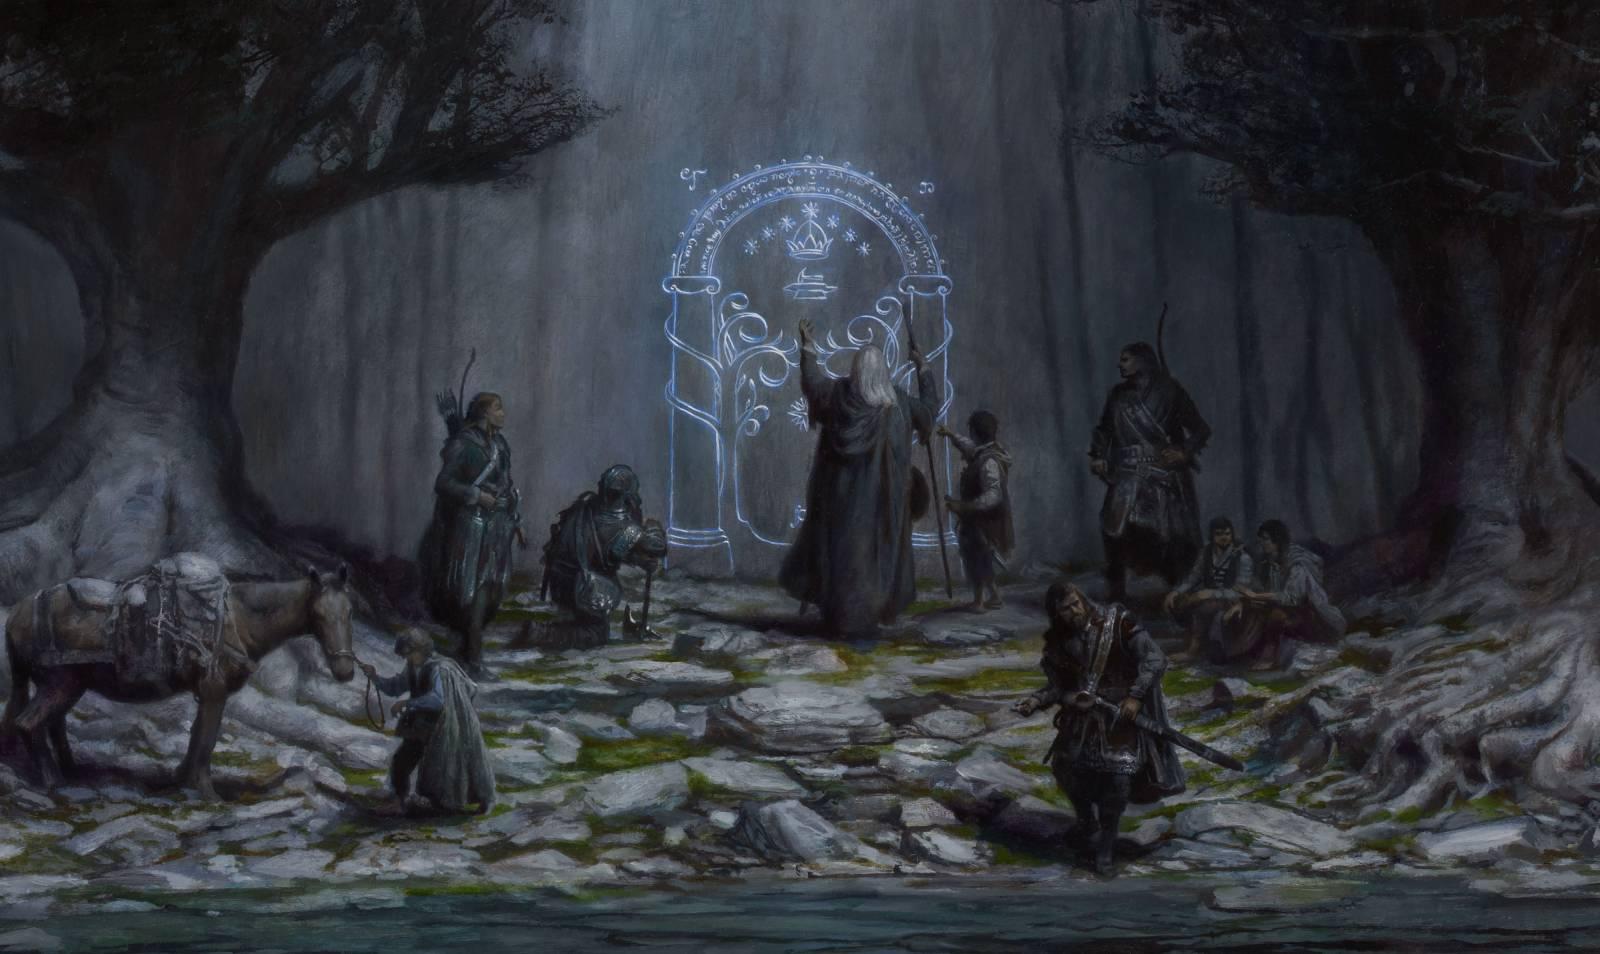 The Walls of Moria